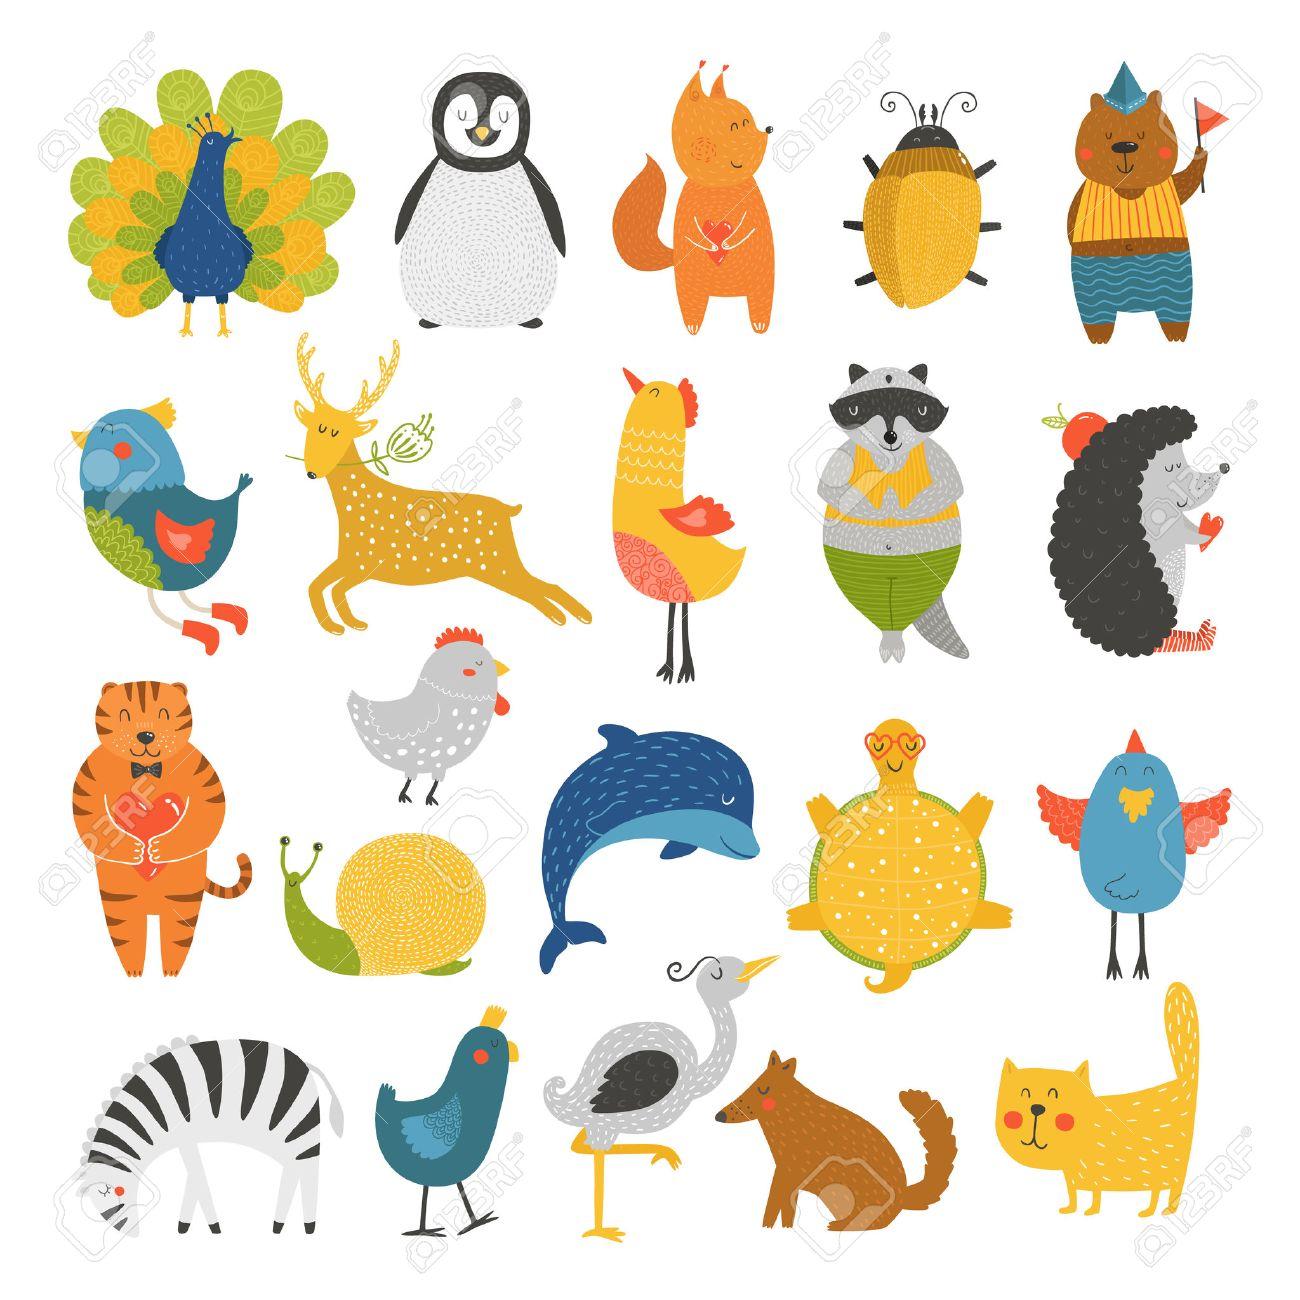 Nette Tiere Sammlung, Tierbabys, Tiere Vektor. Vector Katze, Pfau ...